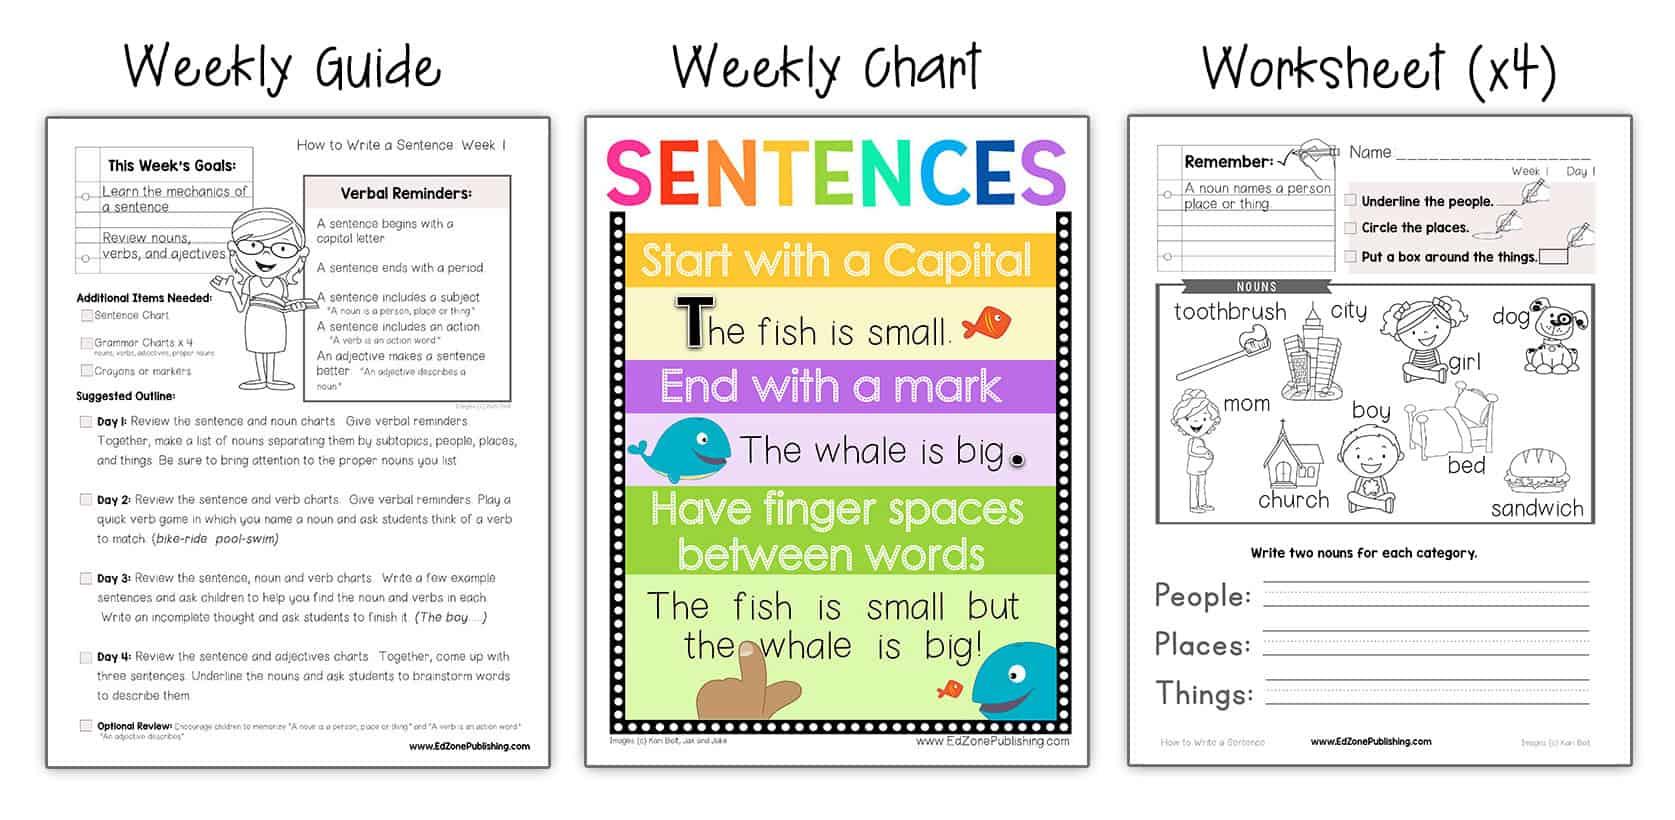 teaching how to write sentence